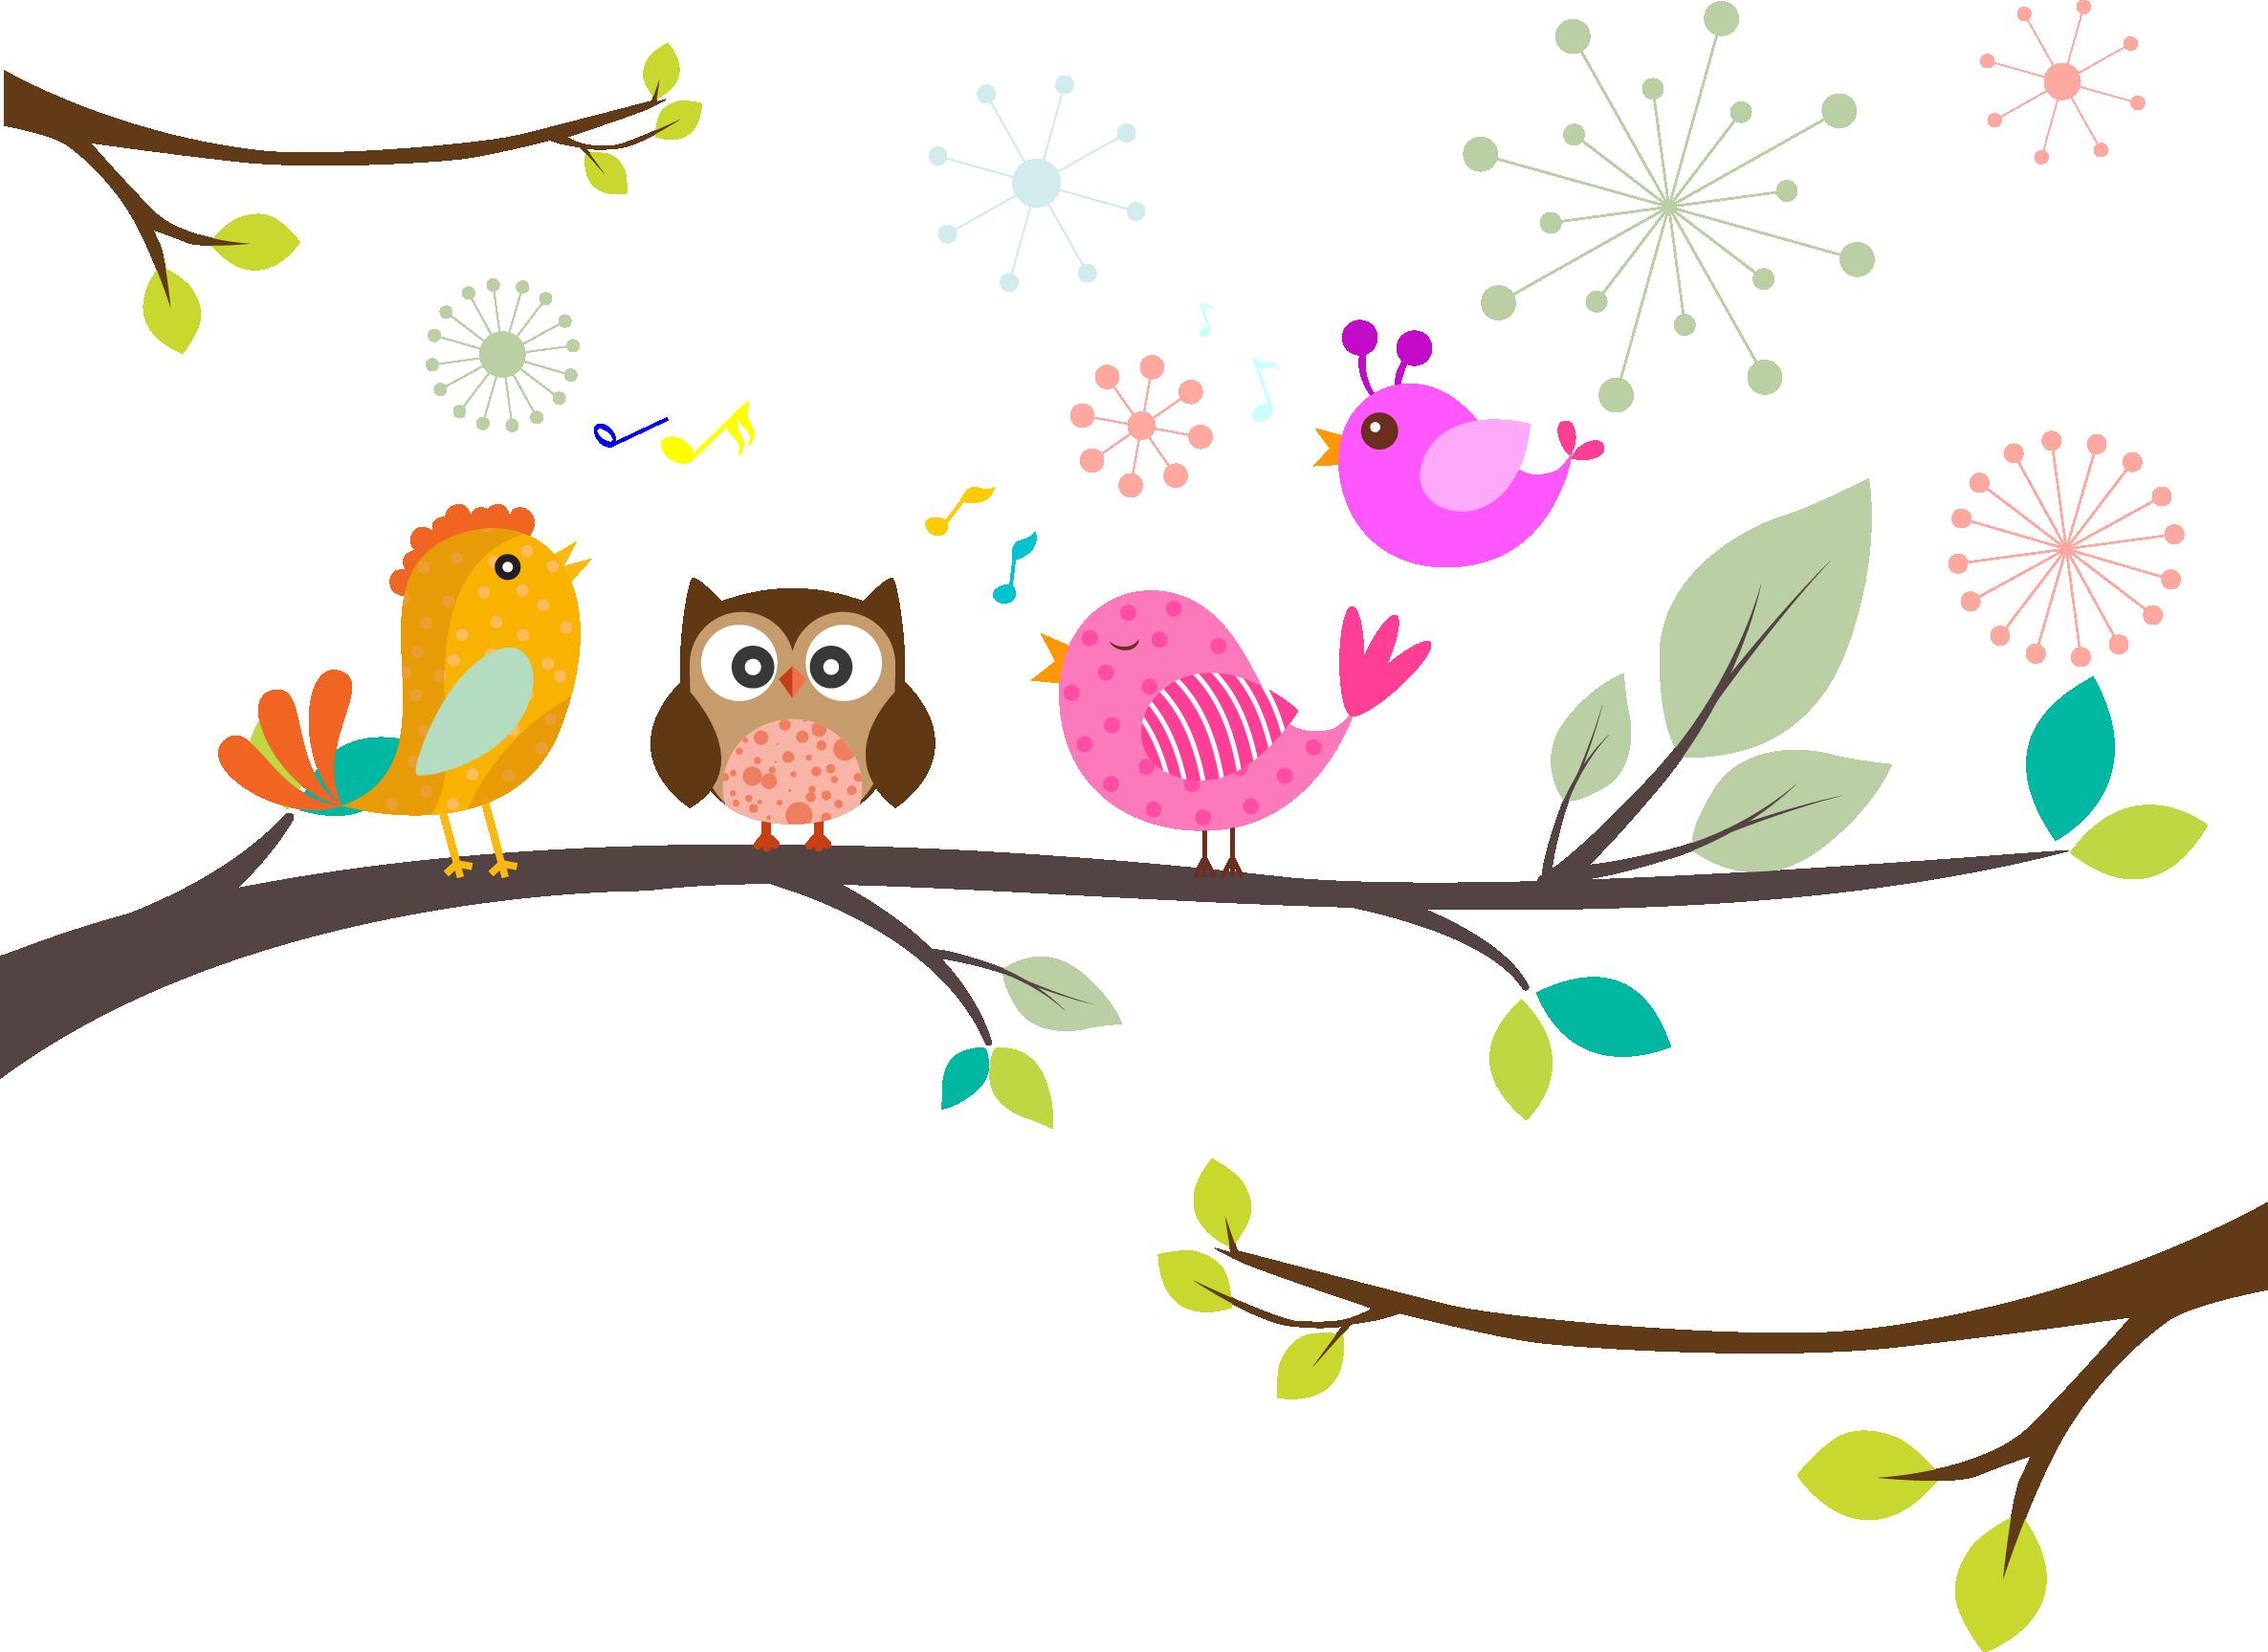 ещё весенние птицы картинки в векторе уже как-то рассказывала